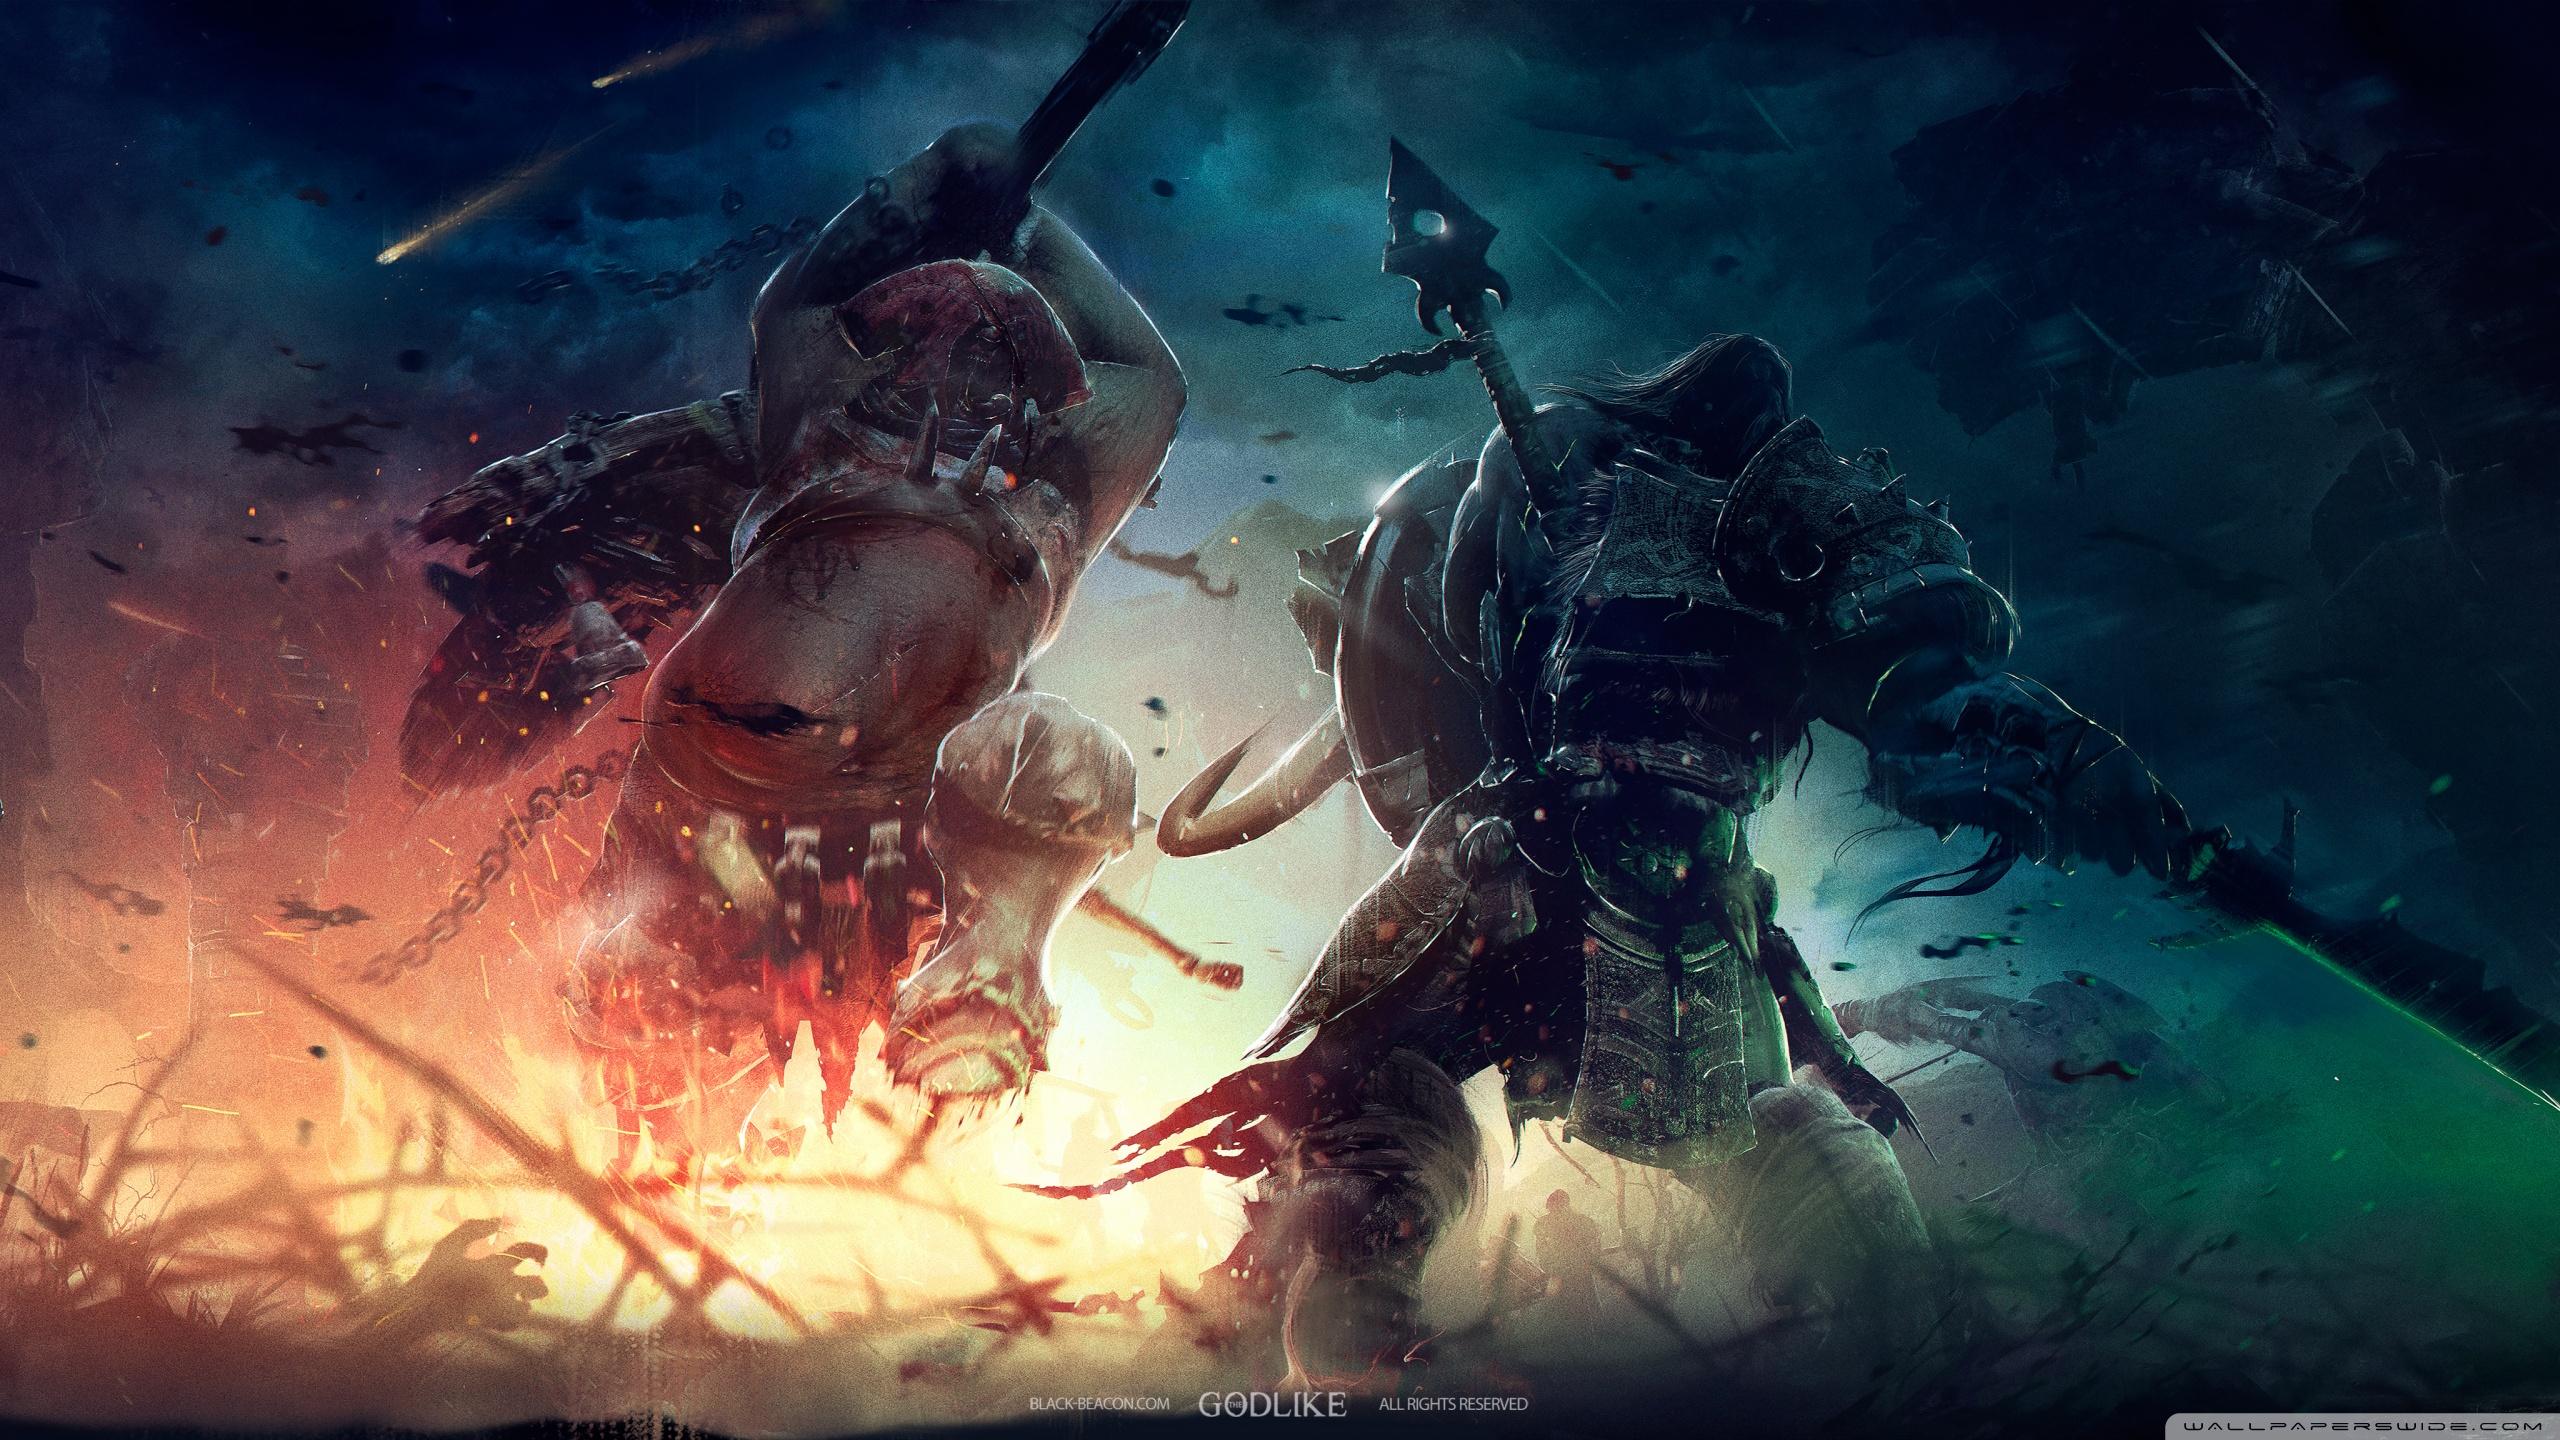 battle_promo_right_side-wallpaper-2560x1440